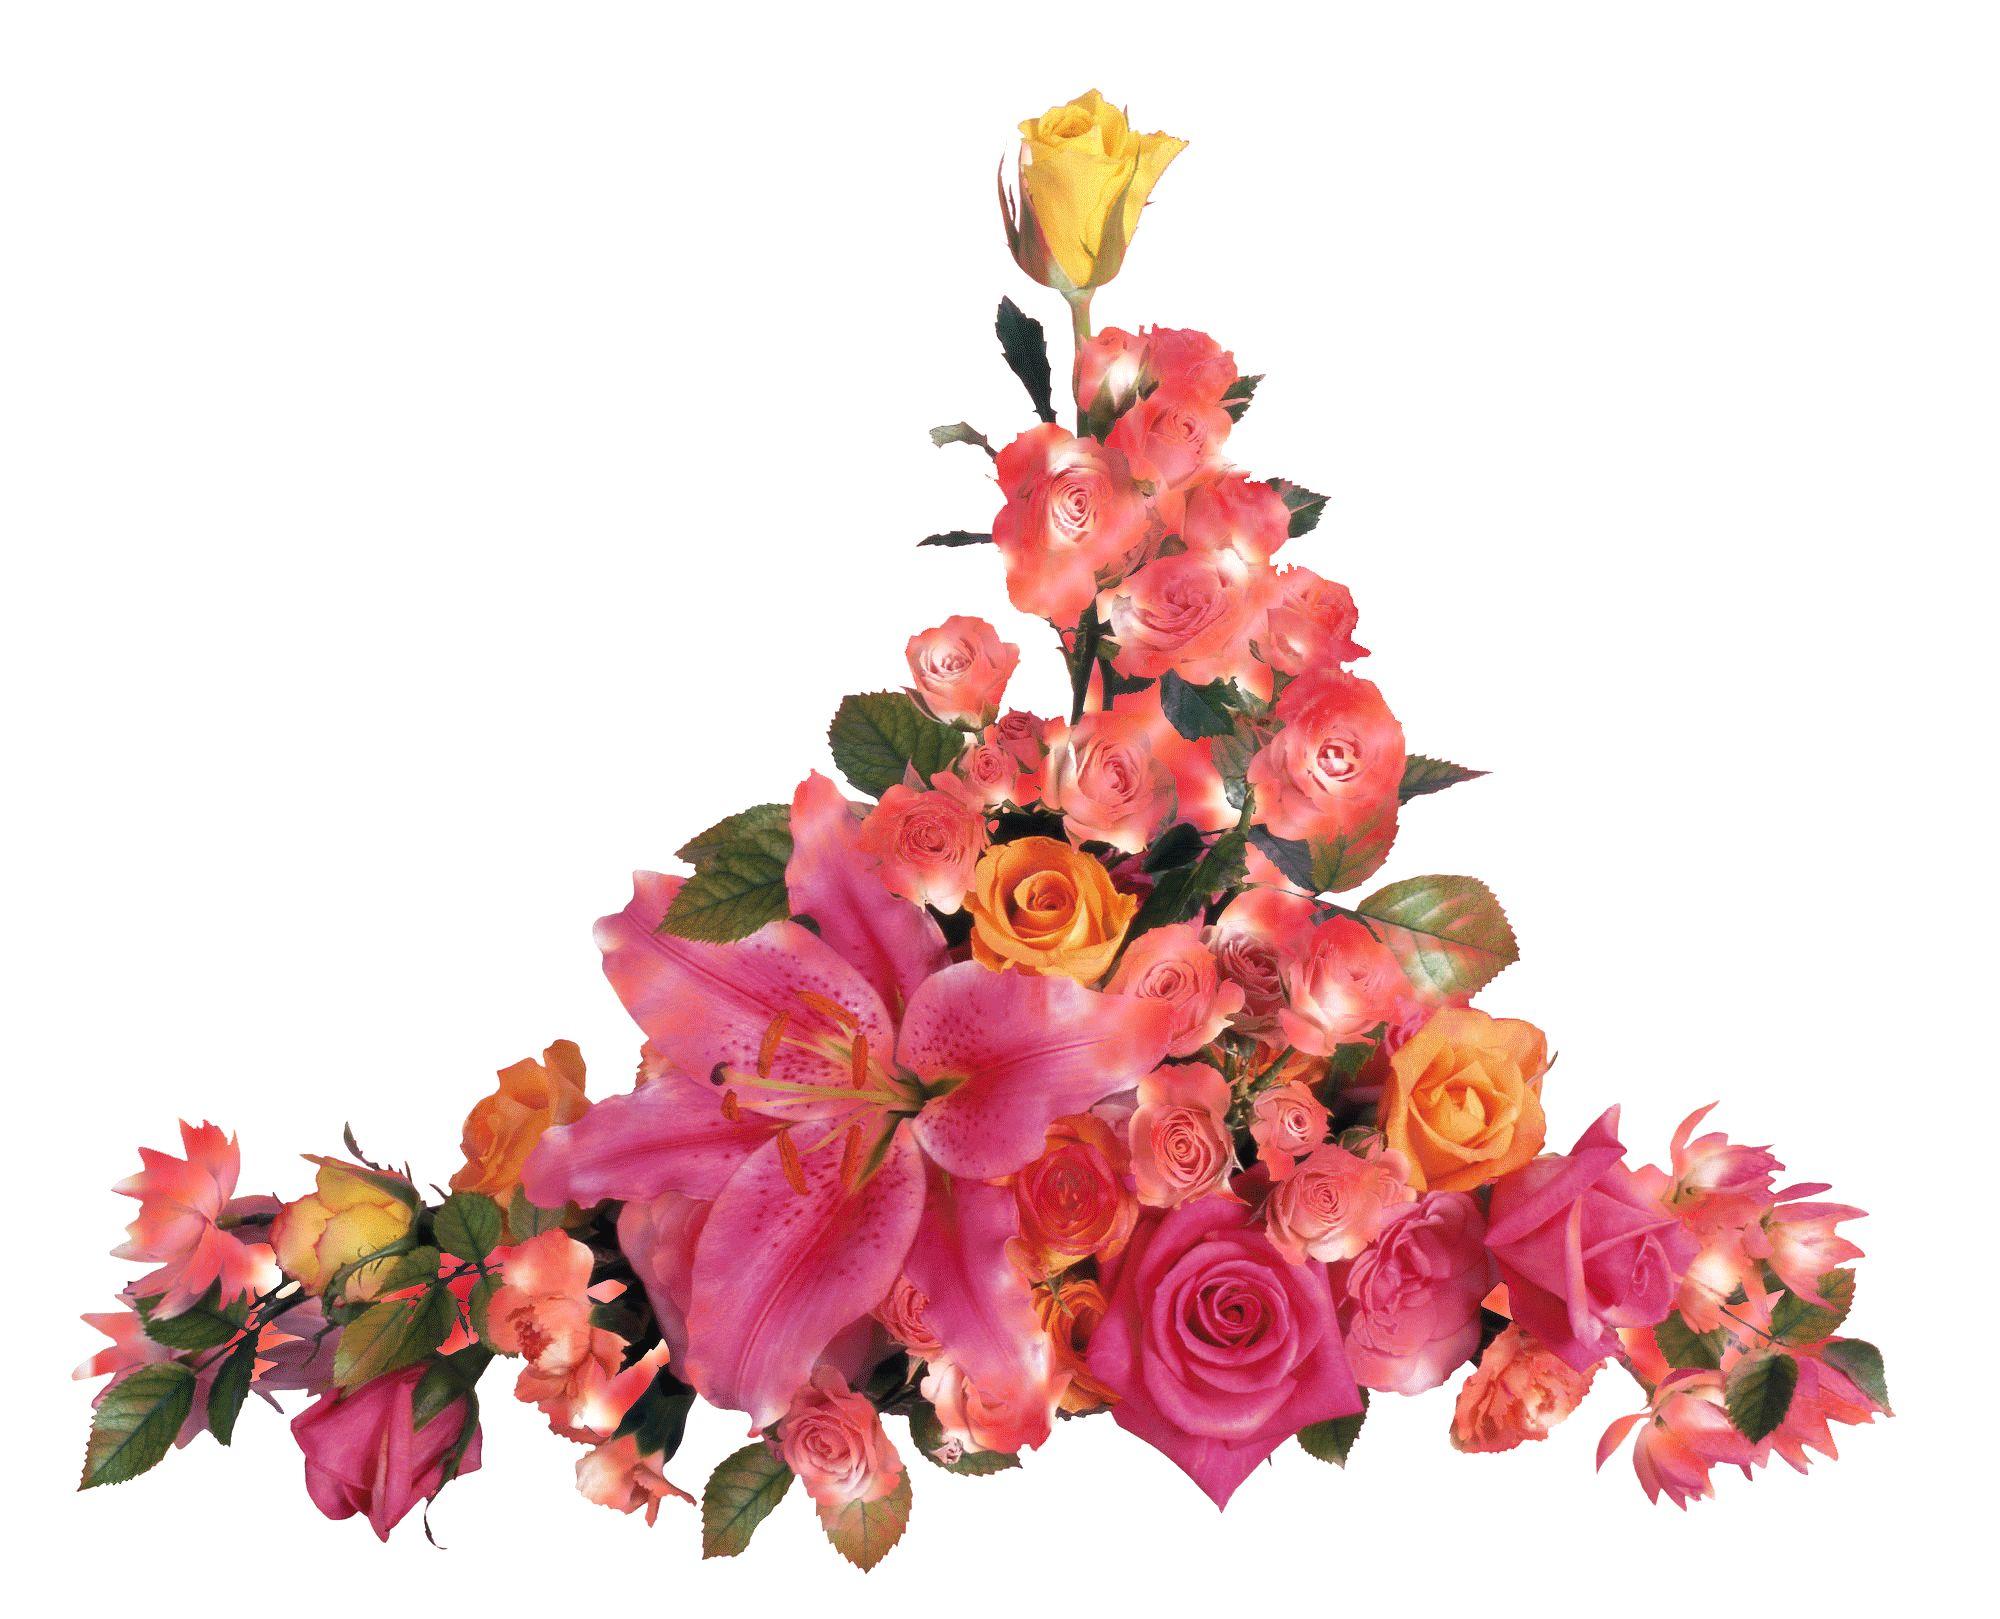 картинка красивые цветы живые картинки на прозрачном фоне бульдог пятизарядный